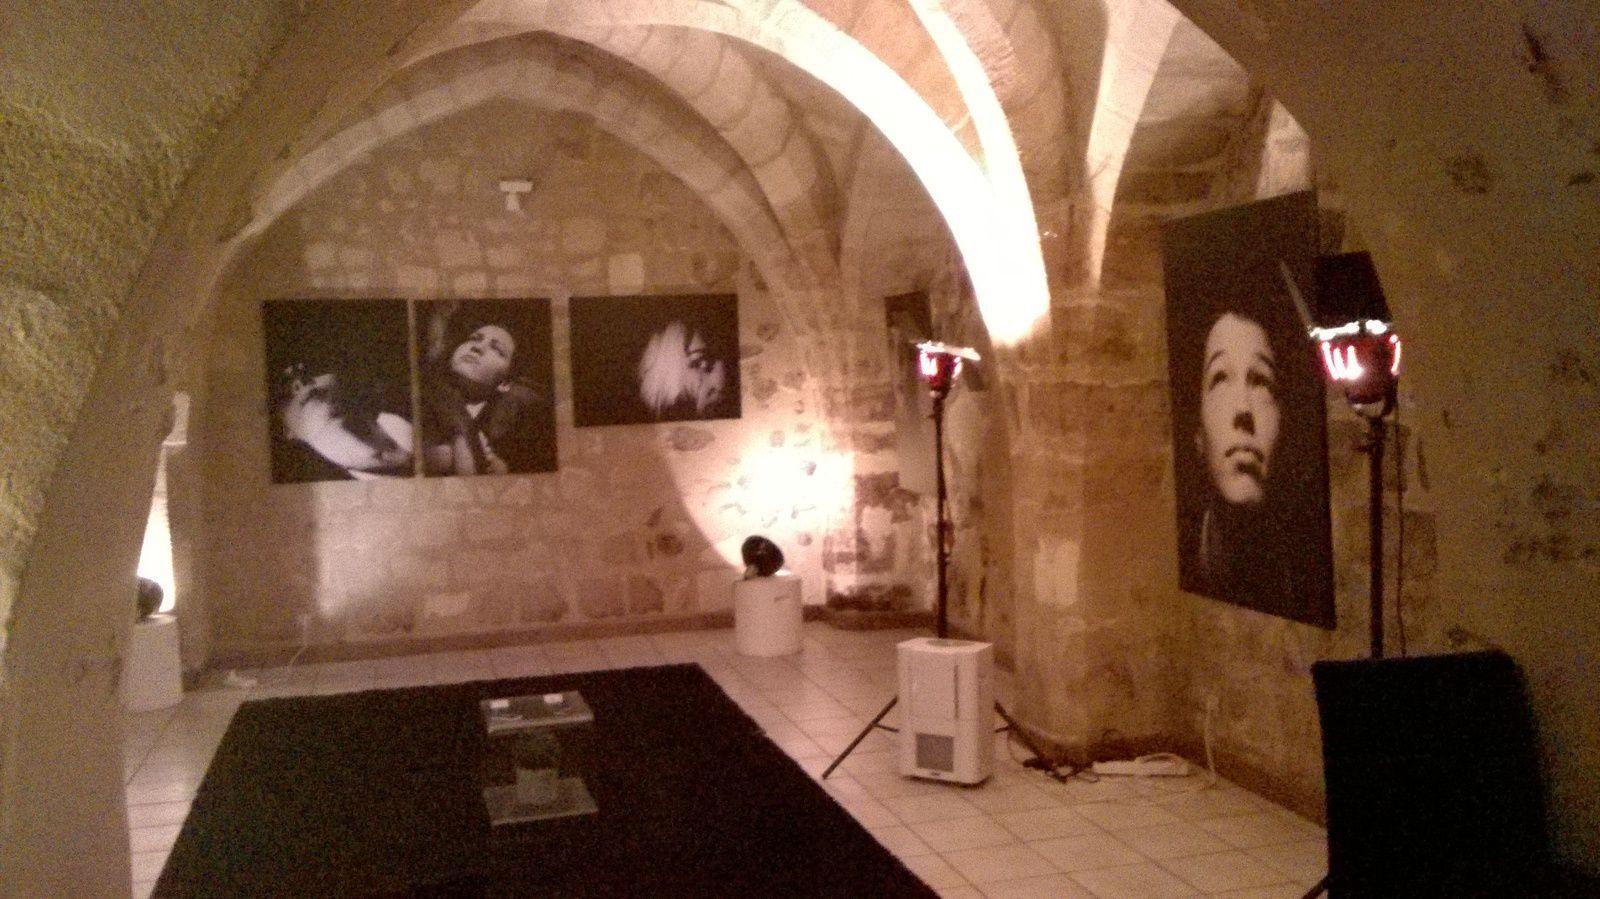 L'exposition de &quot&#x3B;L'autre côté du regard et autres facéties&quot&#x3B; est encore ouverte samedi 29 avril de 10h30 à 18h